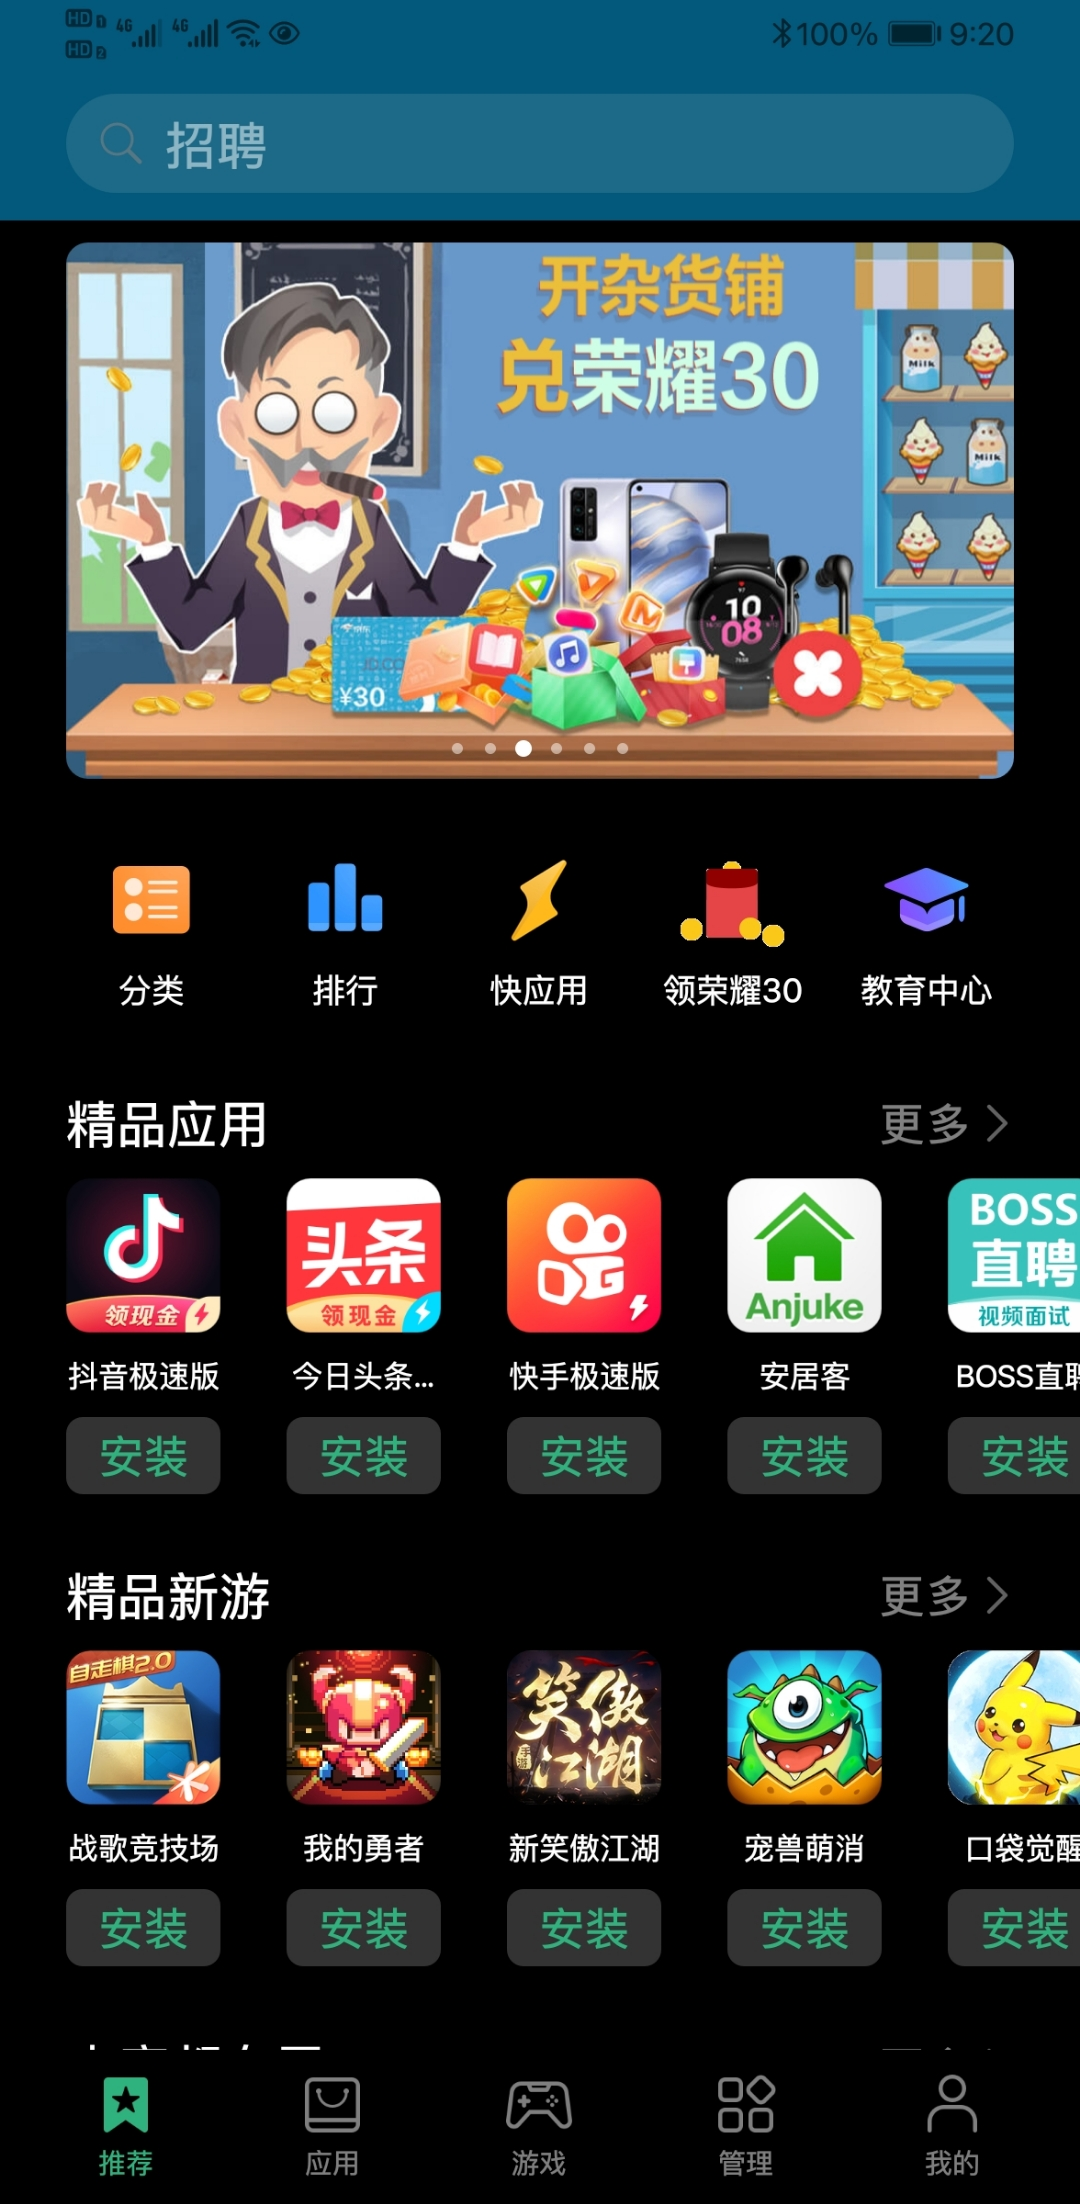 Screenshot_20200517_092052_com.huawei.appmarket.jpg